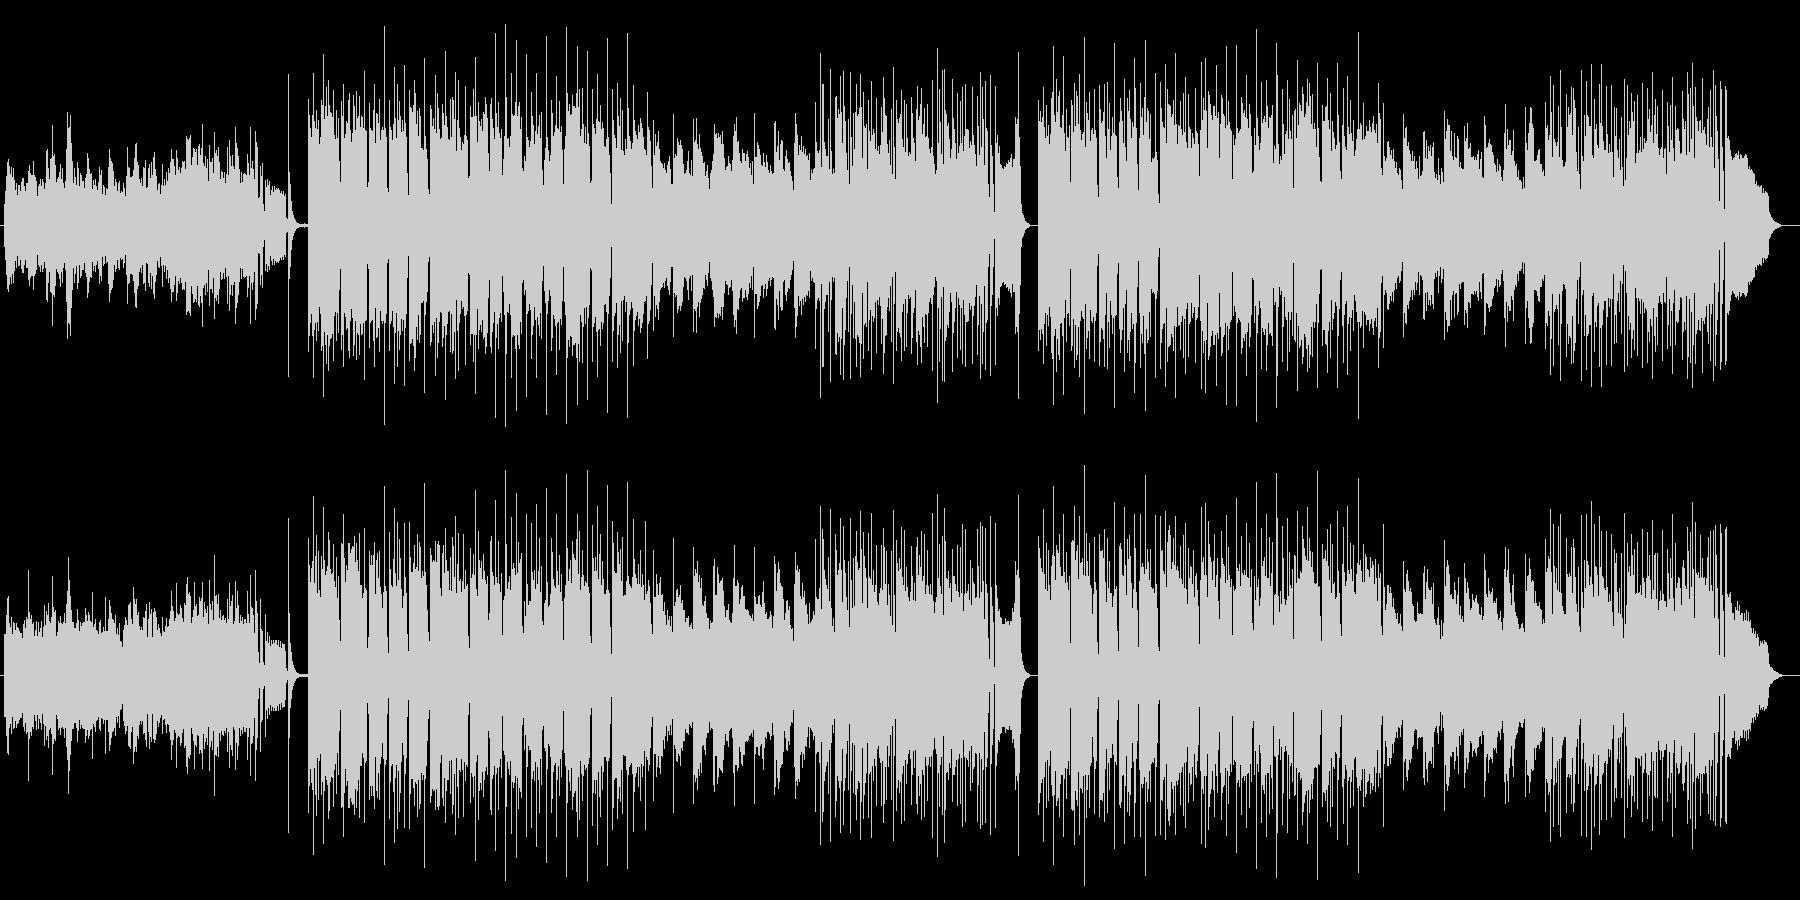 和風ノスタルジーな弦楽器シンセサウンドの未再生の波形